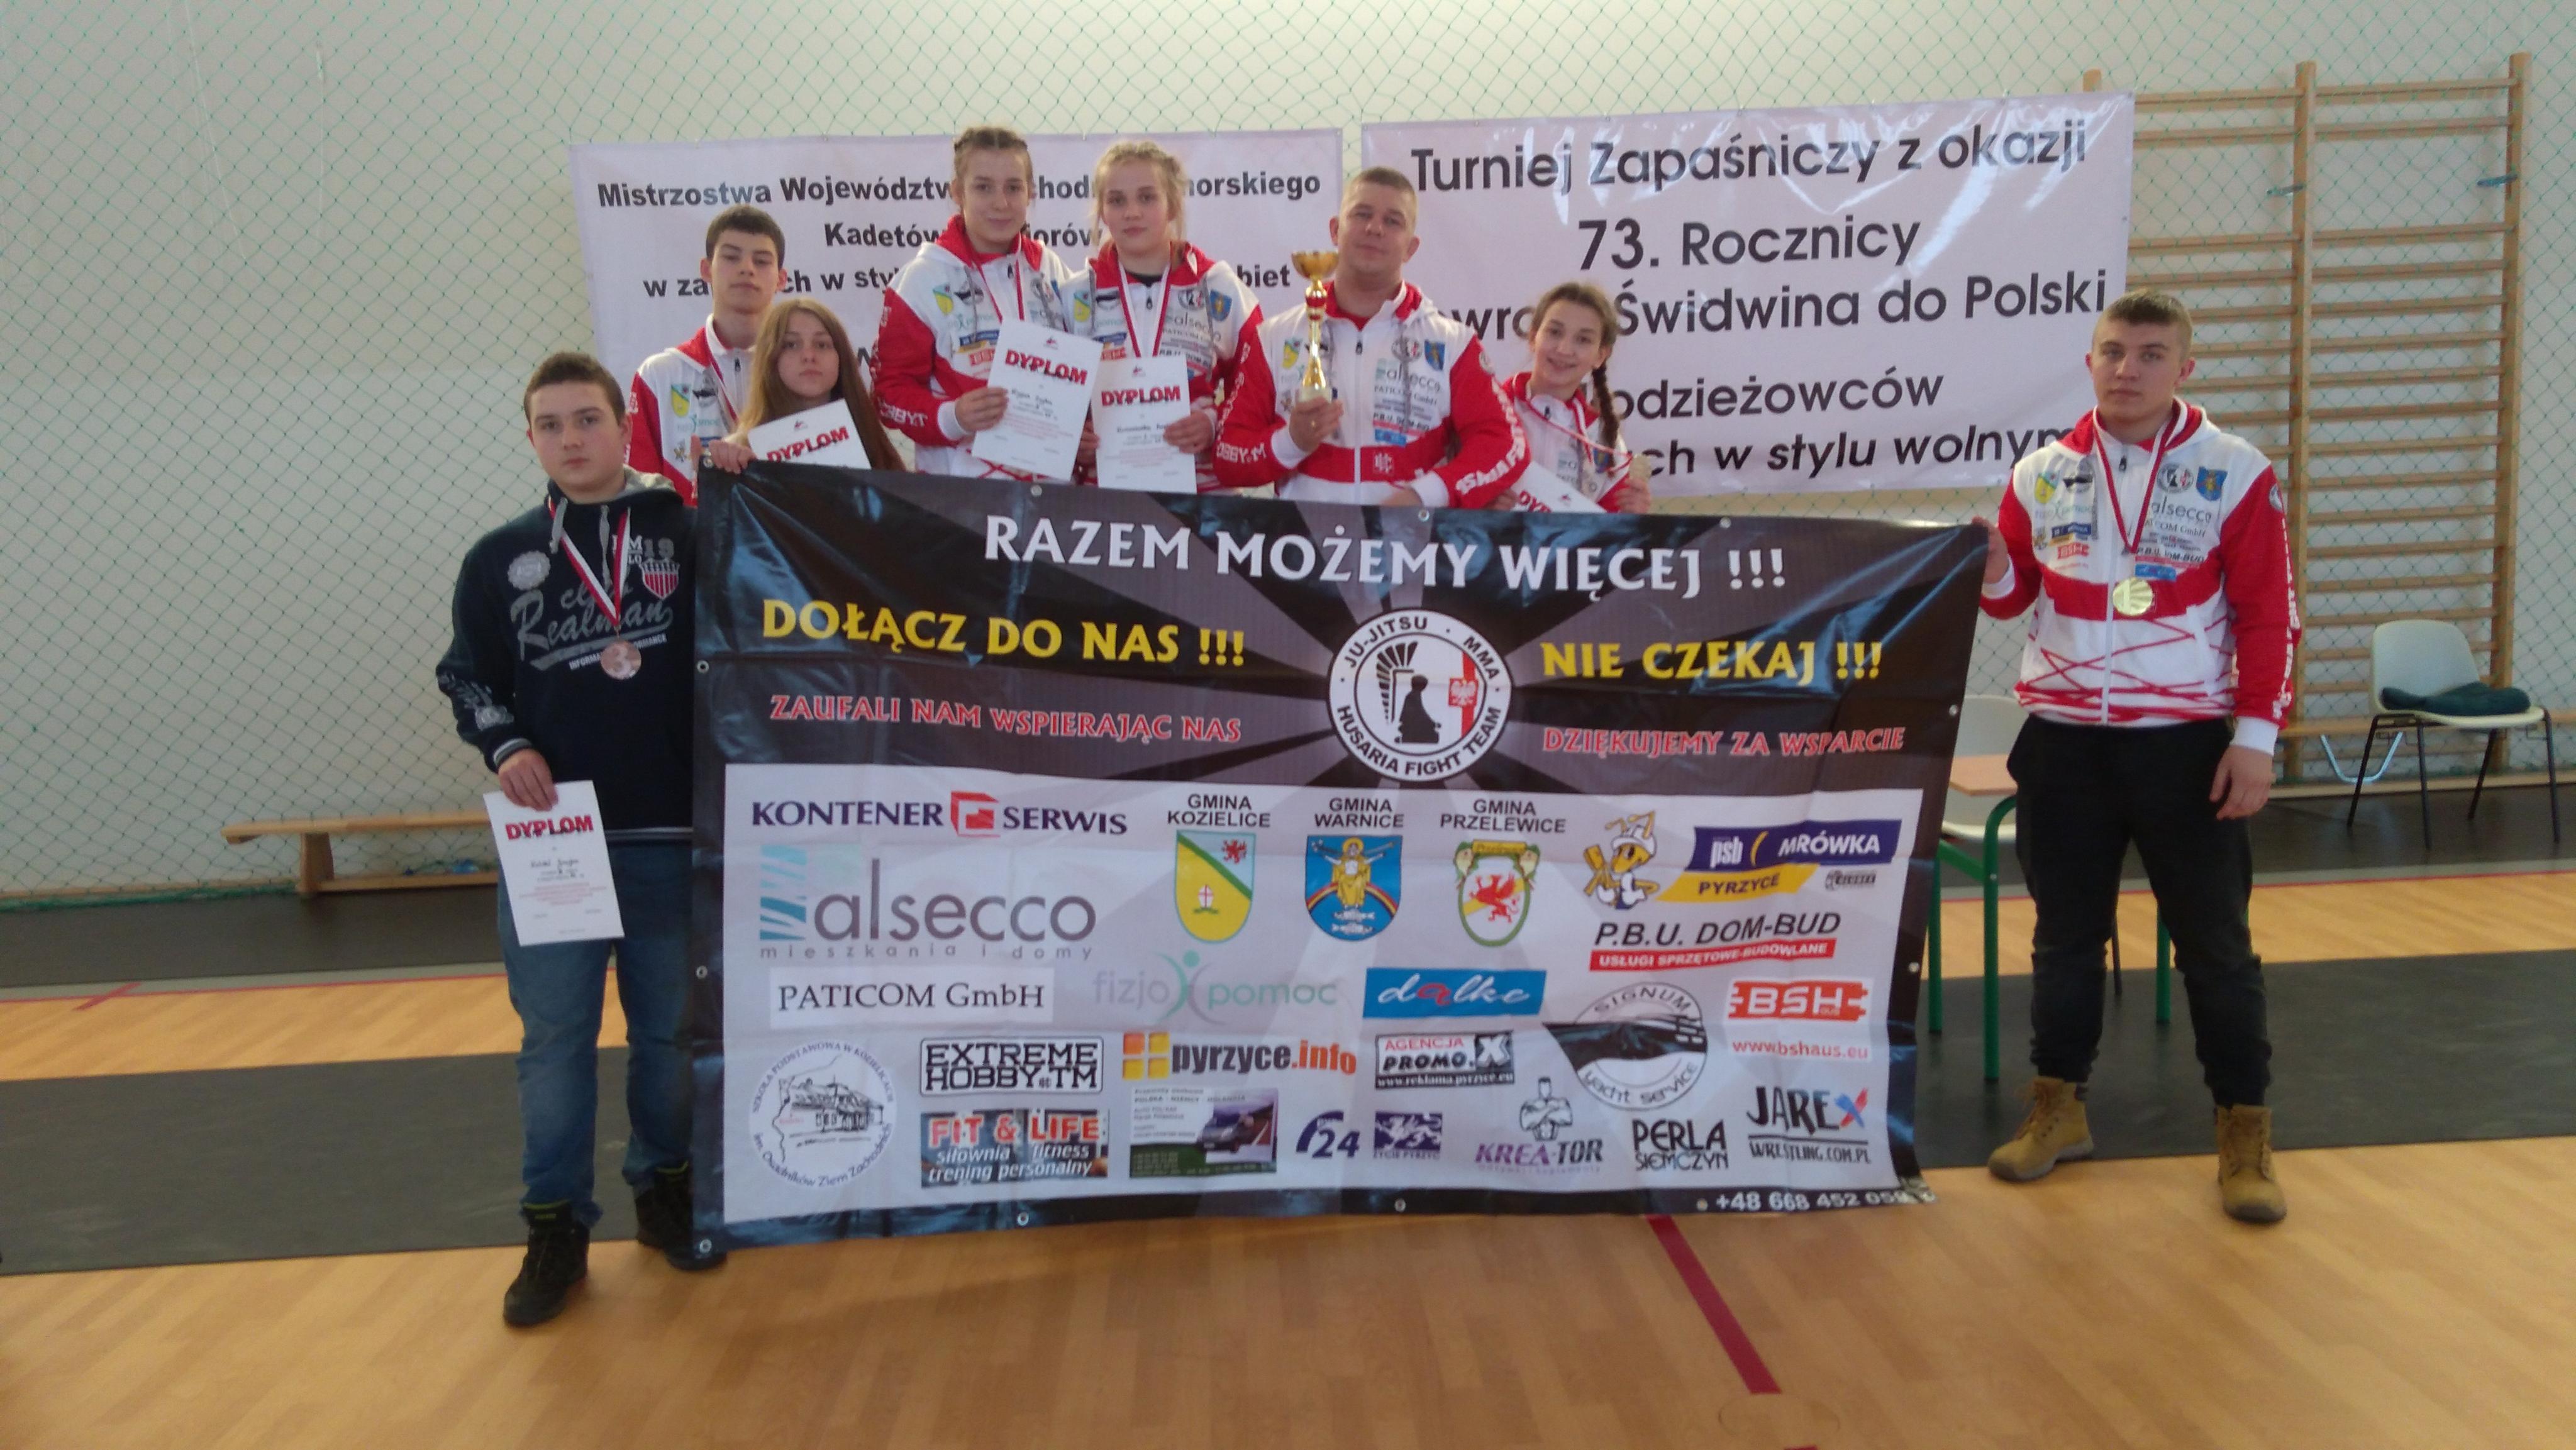 Mistrzostwa Województwa Zachodniopomorskiego